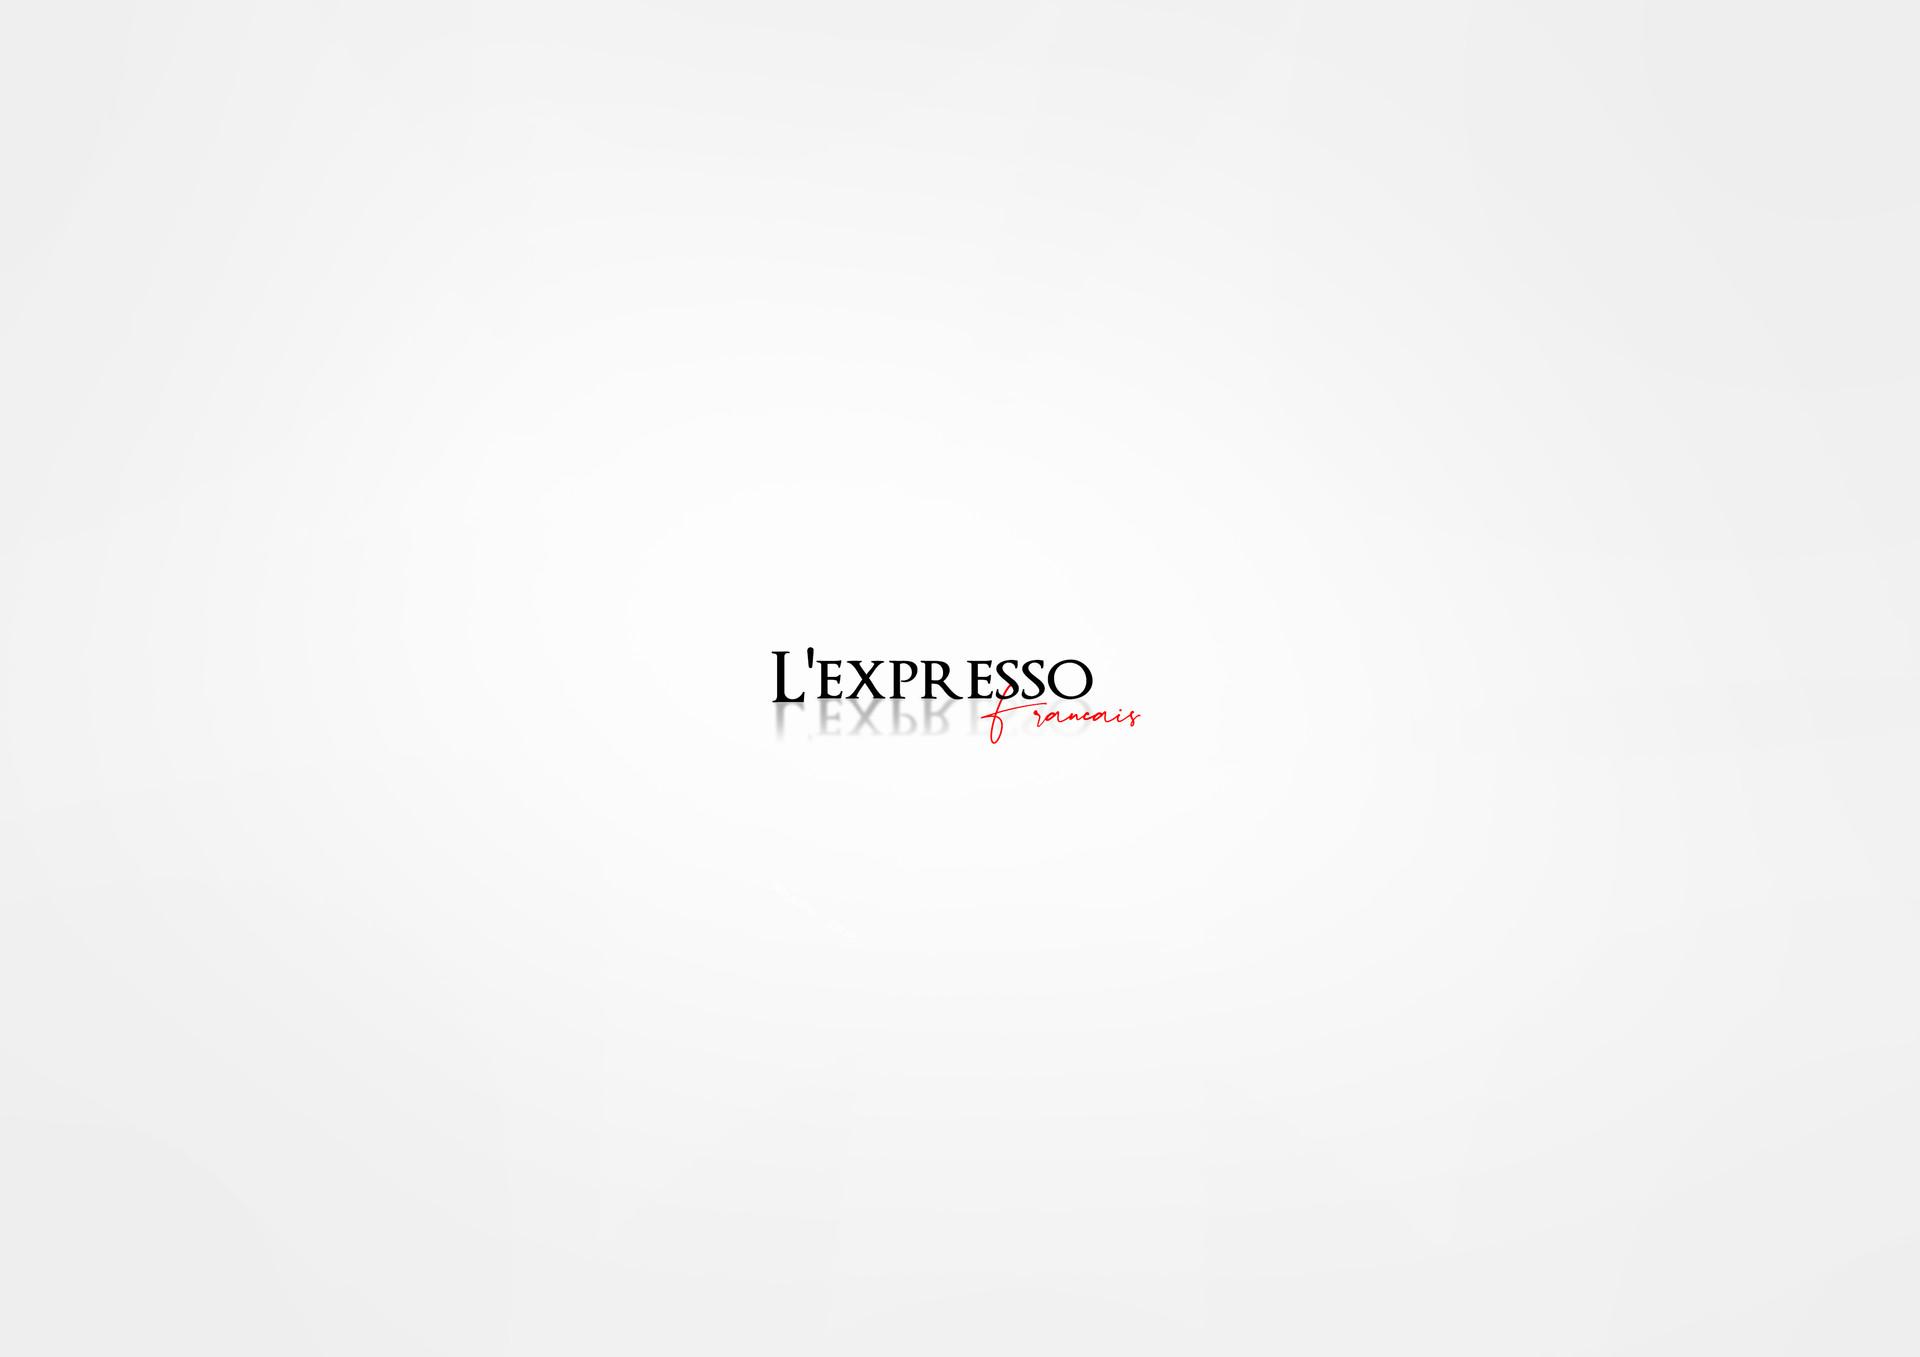 L'expresso-1st image.jpg